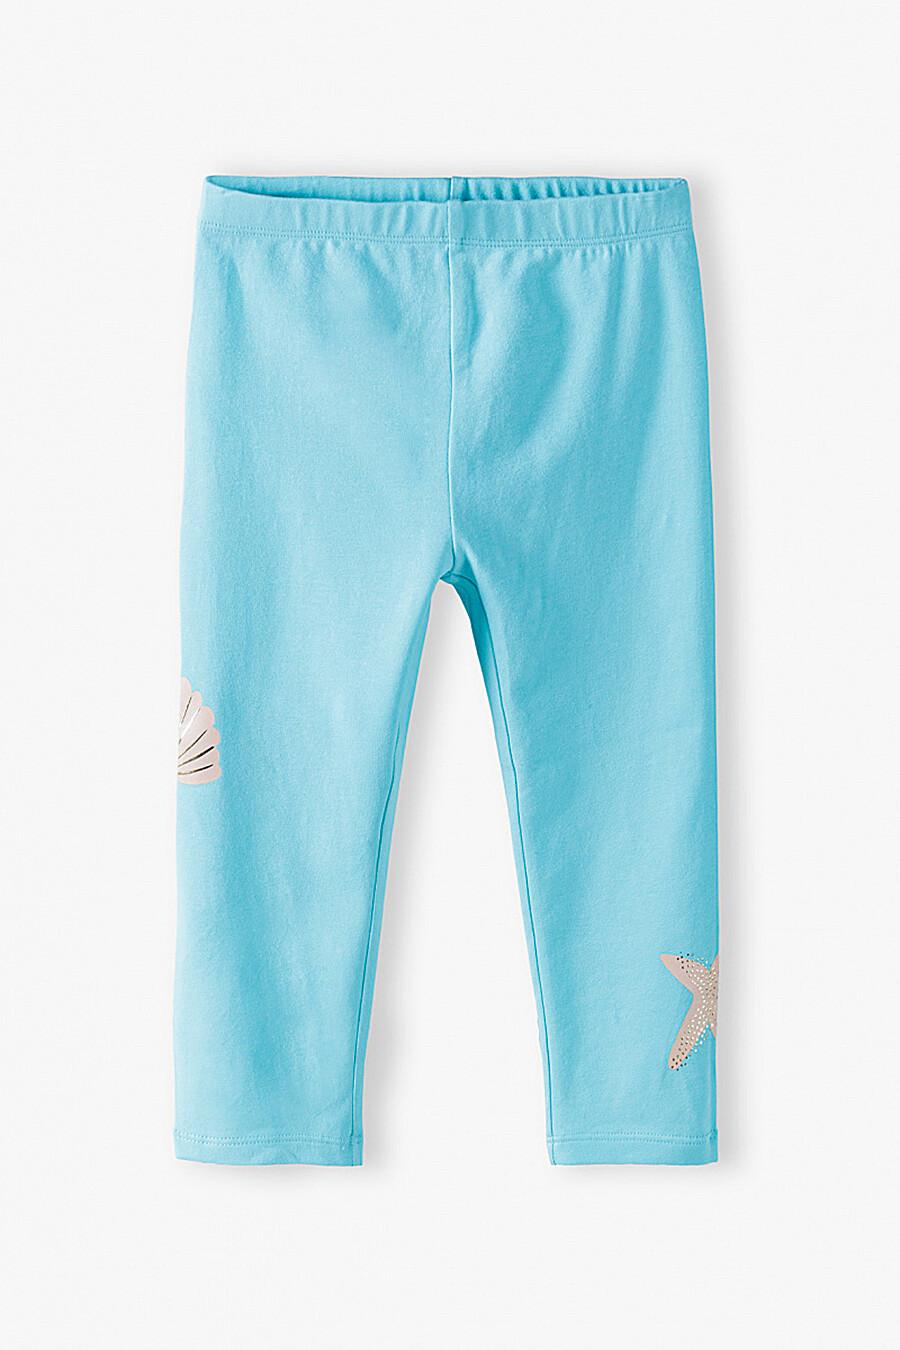 Леггинсы для девочек 5.10.15 668535 купить оптом от производителя. Совместная покупка детской одежды в OptMoyo